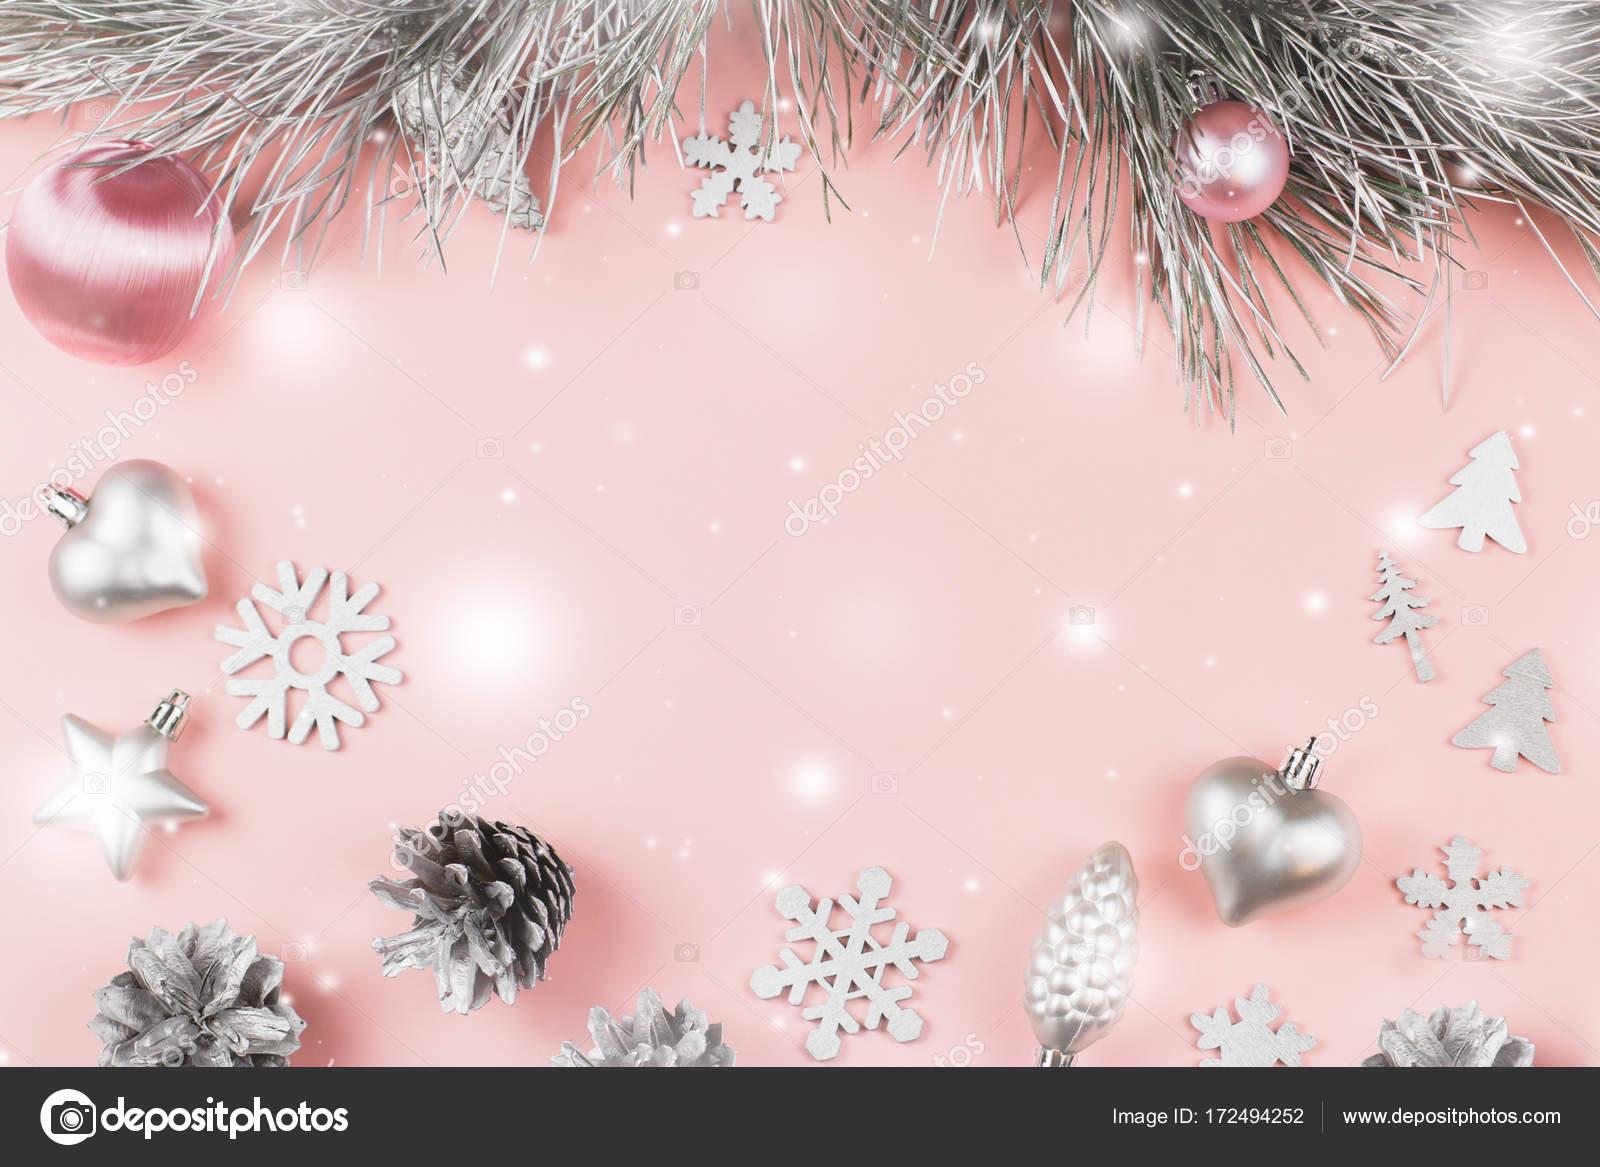 Weihnachten rahmen mit tannenzweigen nadelbaum zapfen weihnachtskugeln und silberschmuck auf - Weihnachtskugeln pastell ...